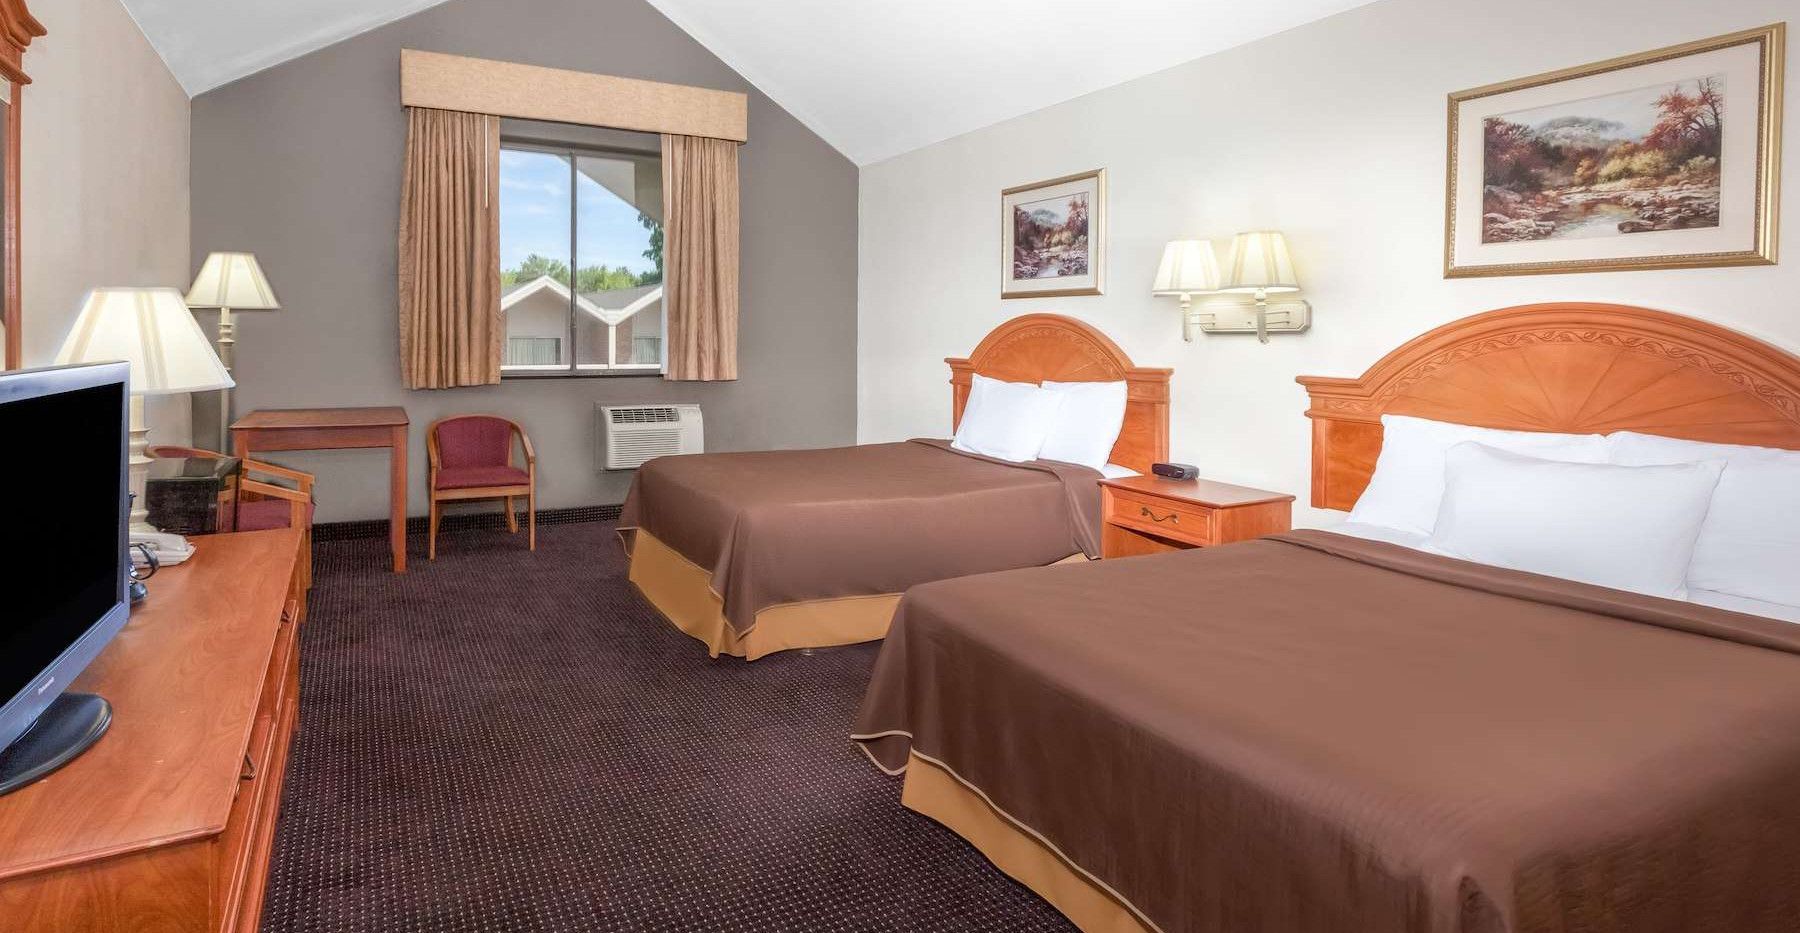 10713_guest_room_4.jpg